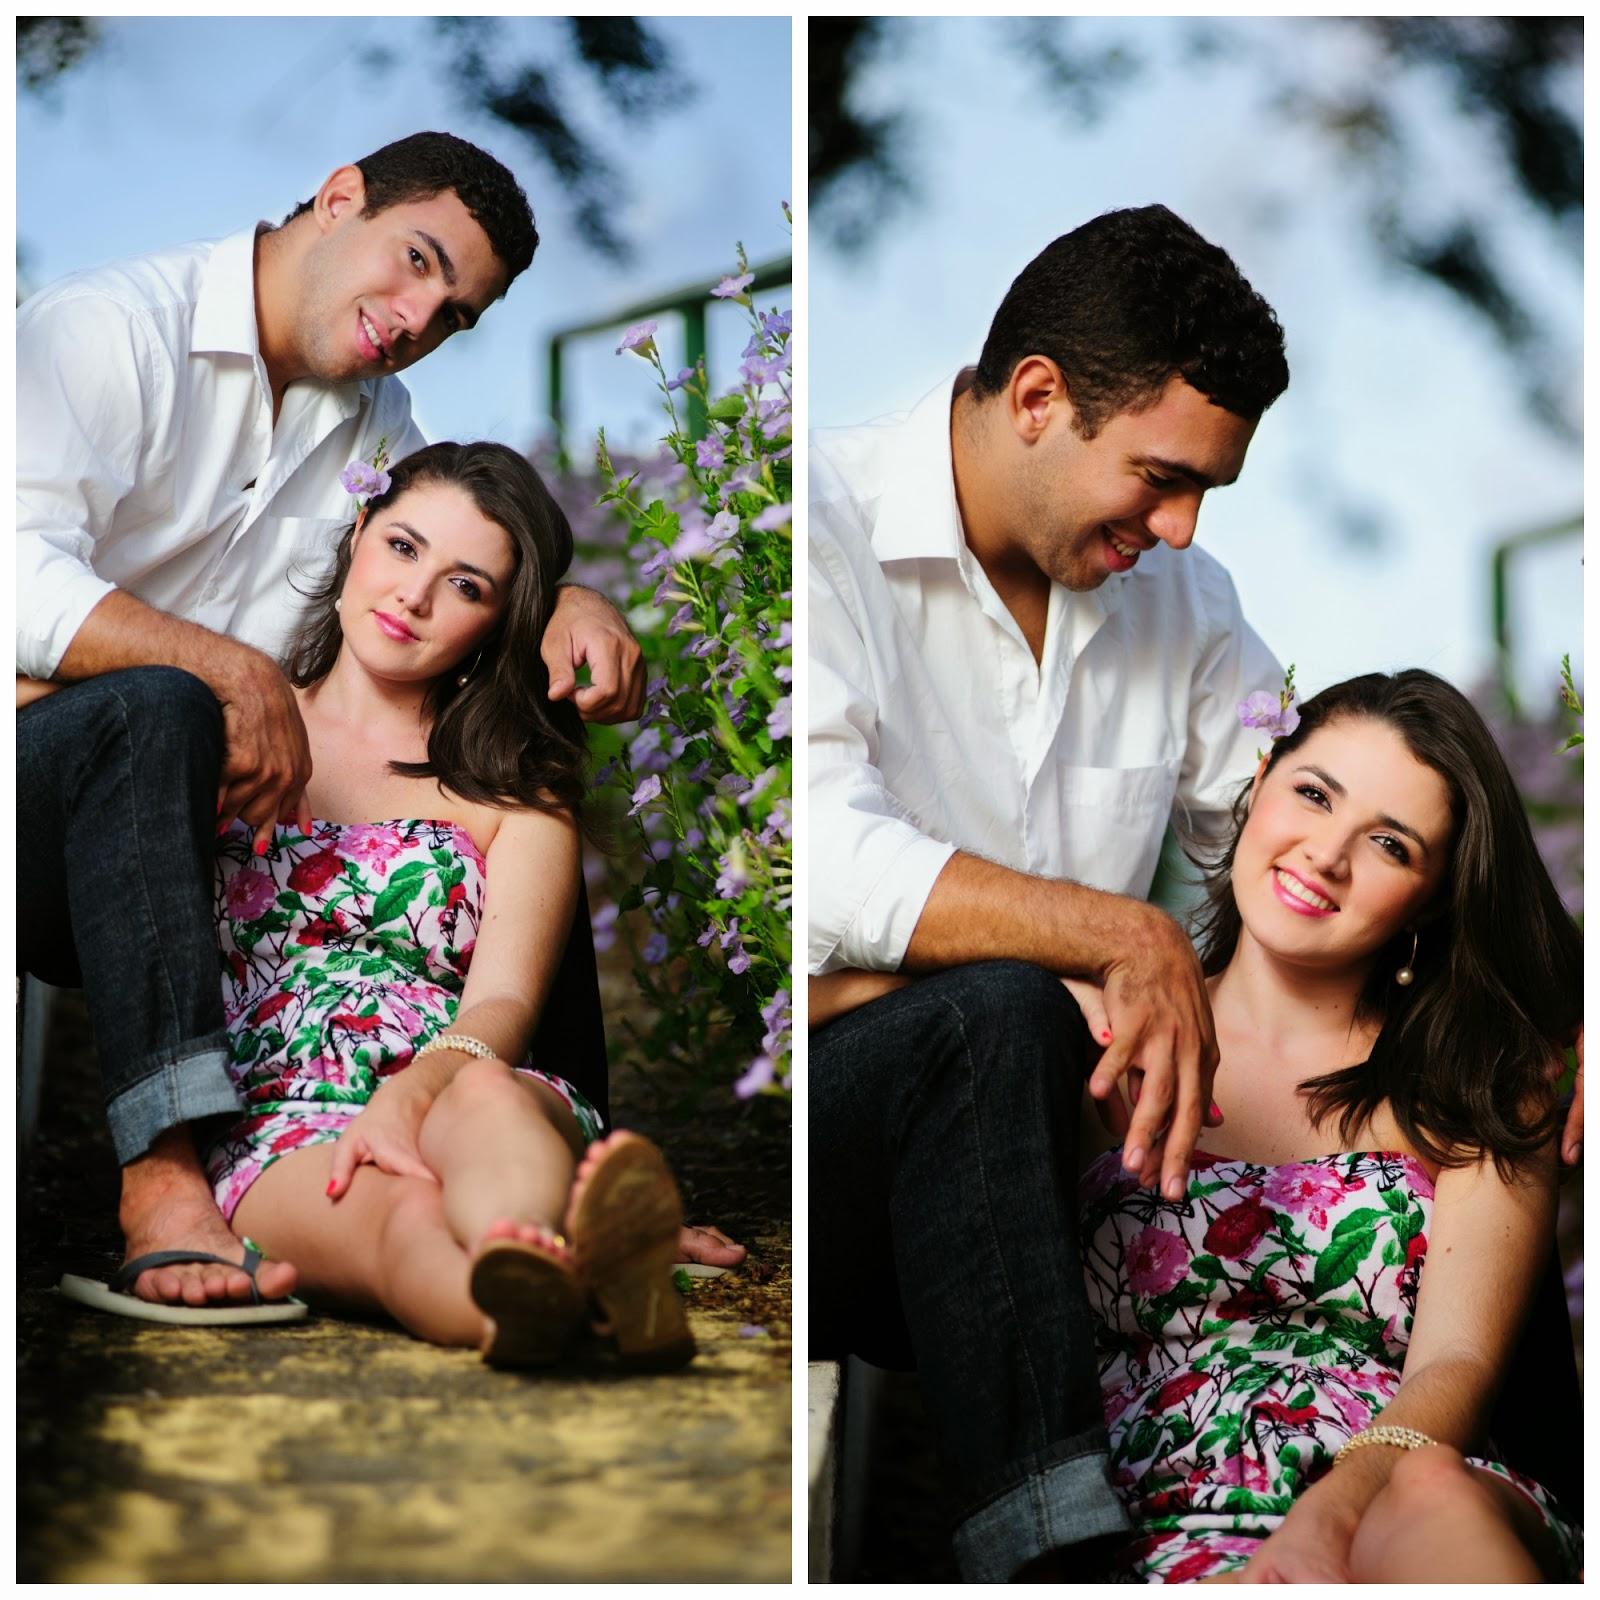 esession-casal-fotografos-noivos-flores-1